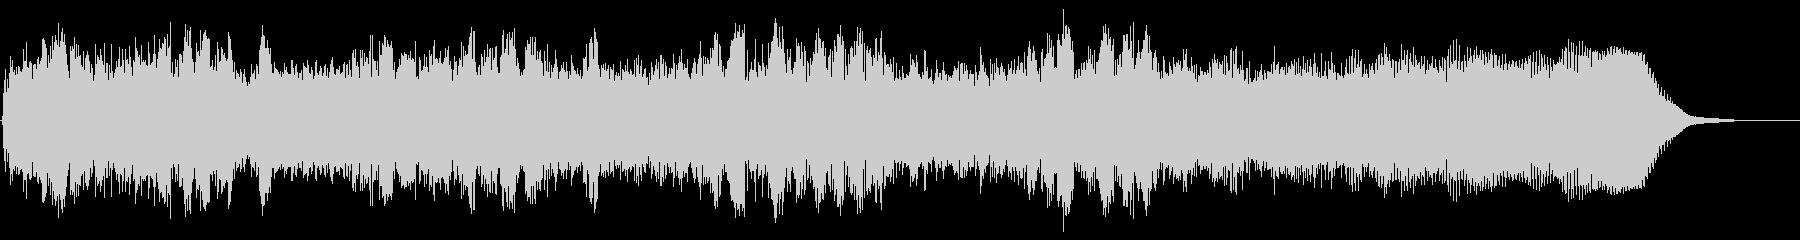 ヘビーメタルのリズムギター バッキングAの未再生の波形